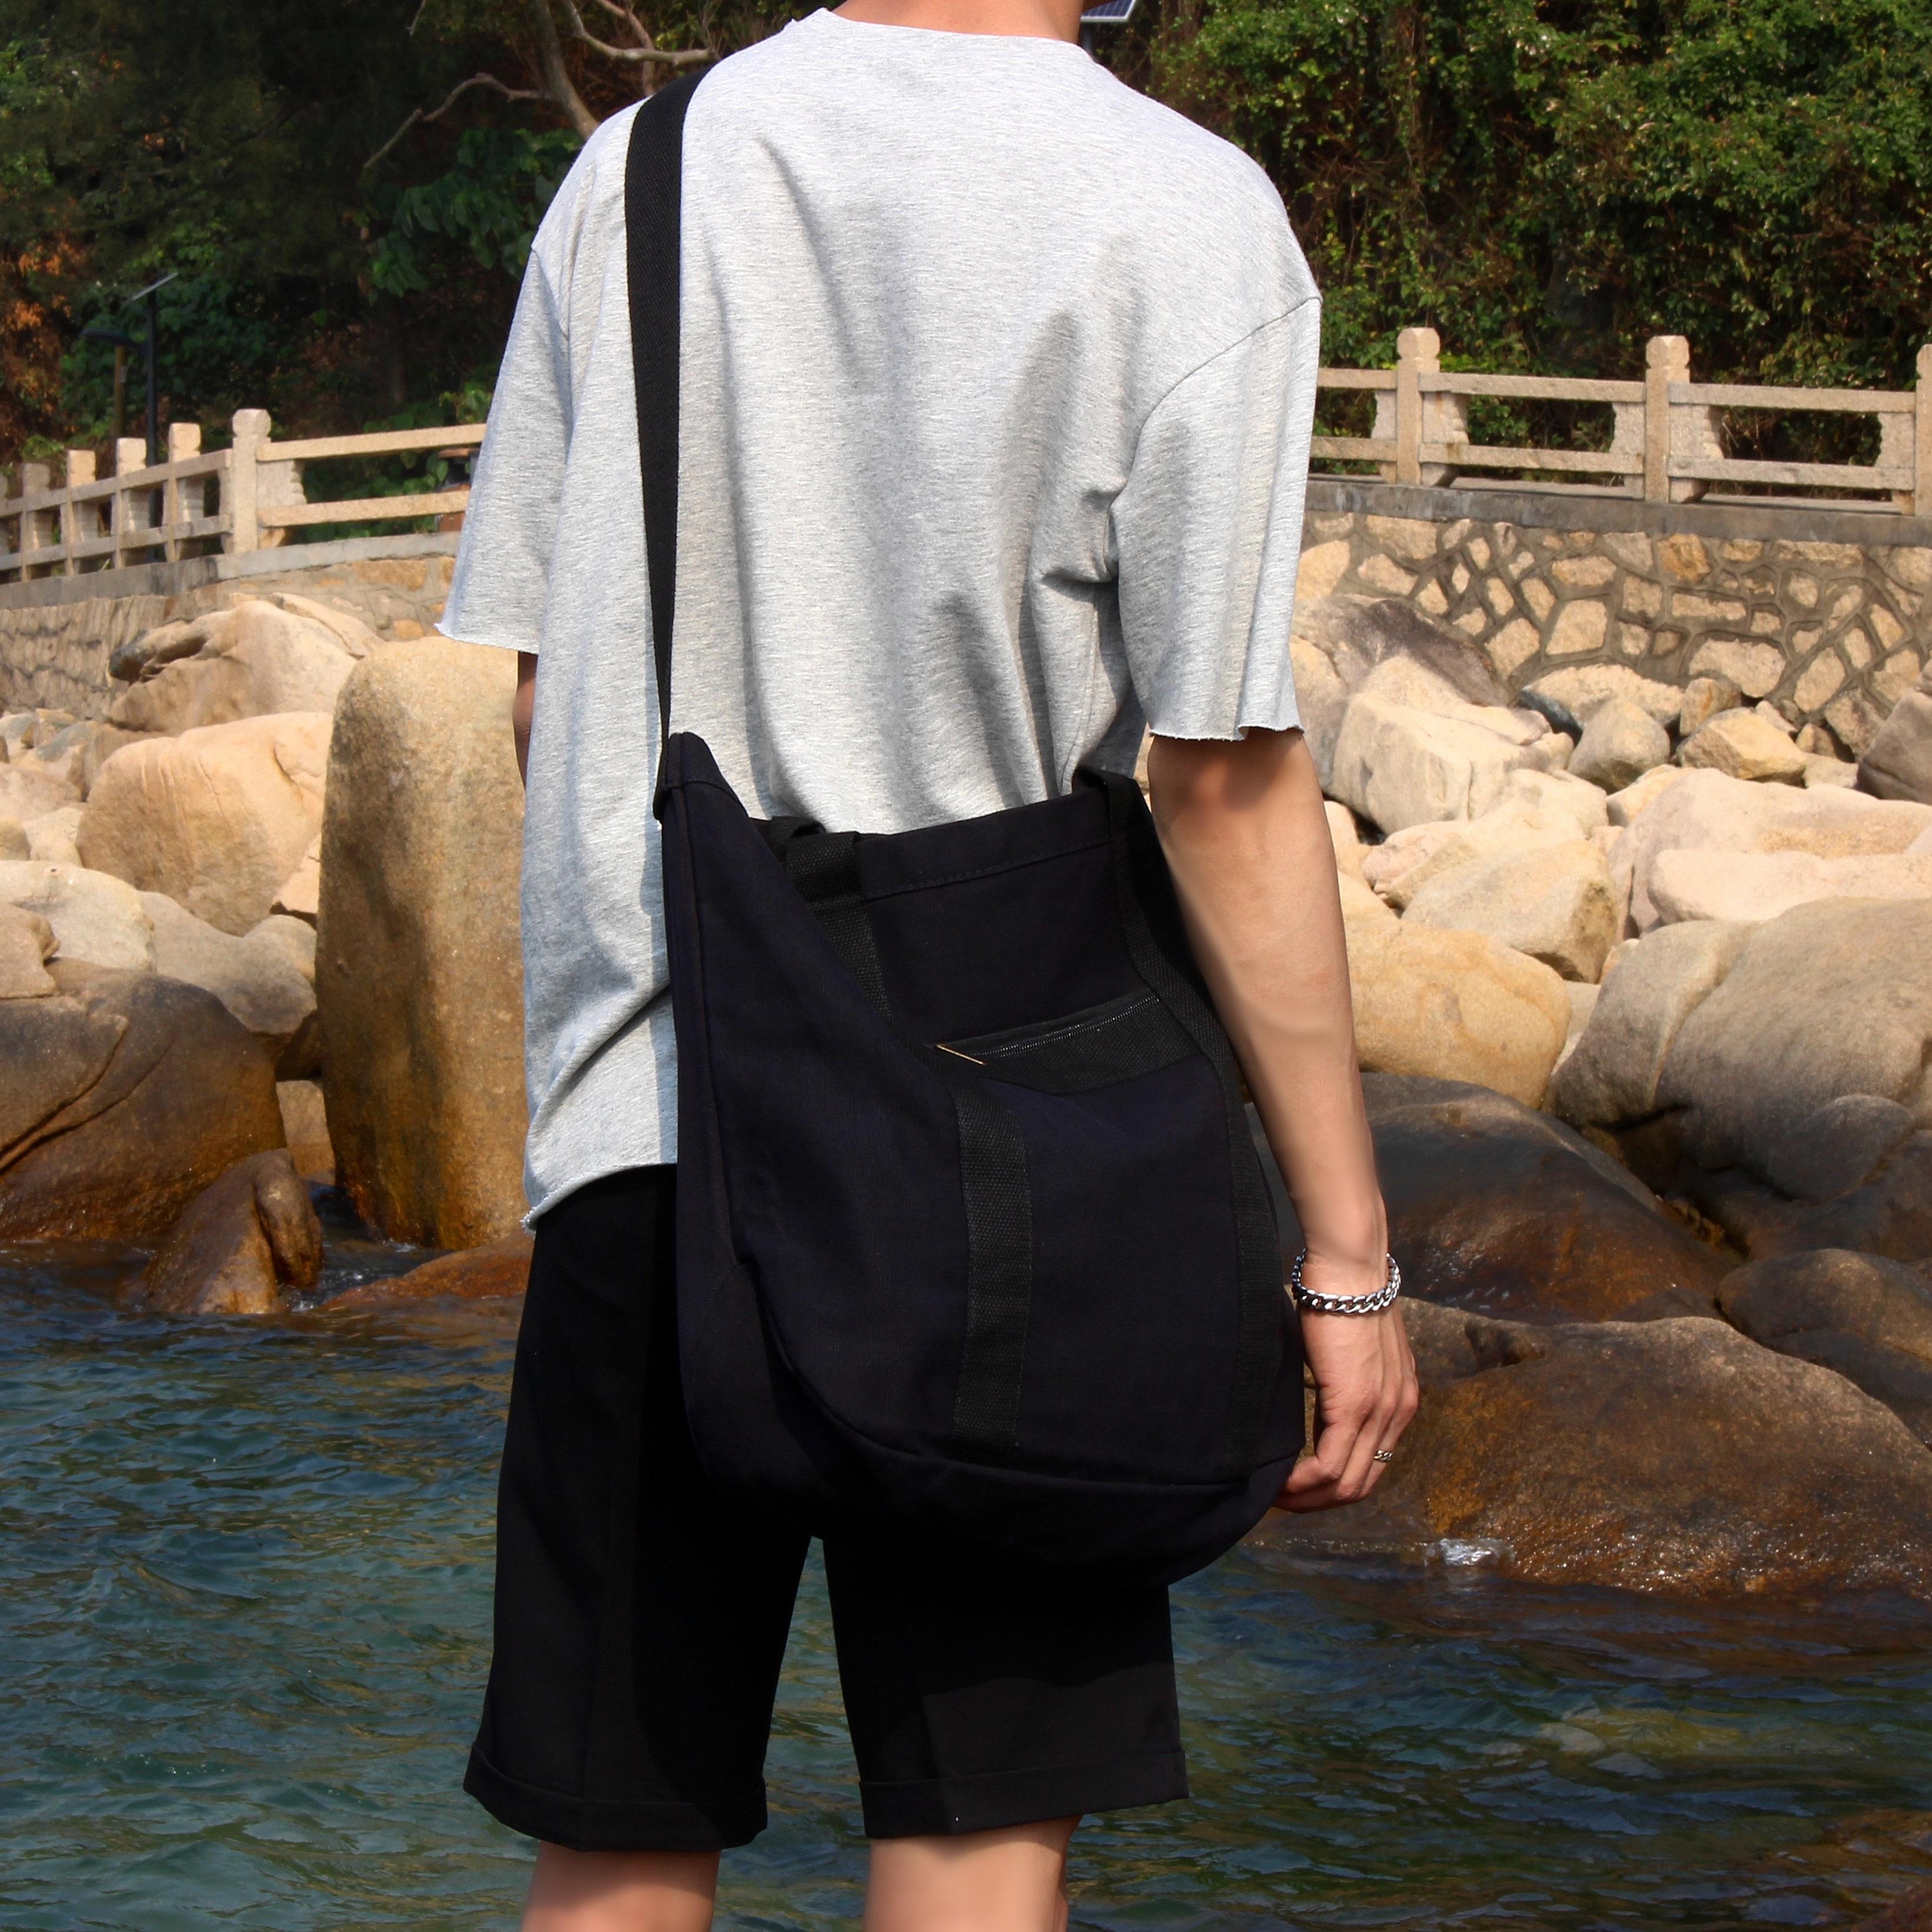 SIMPLE韩国2017新款简约学生帆布包男女韩版休闲单肩斜挎包手提包